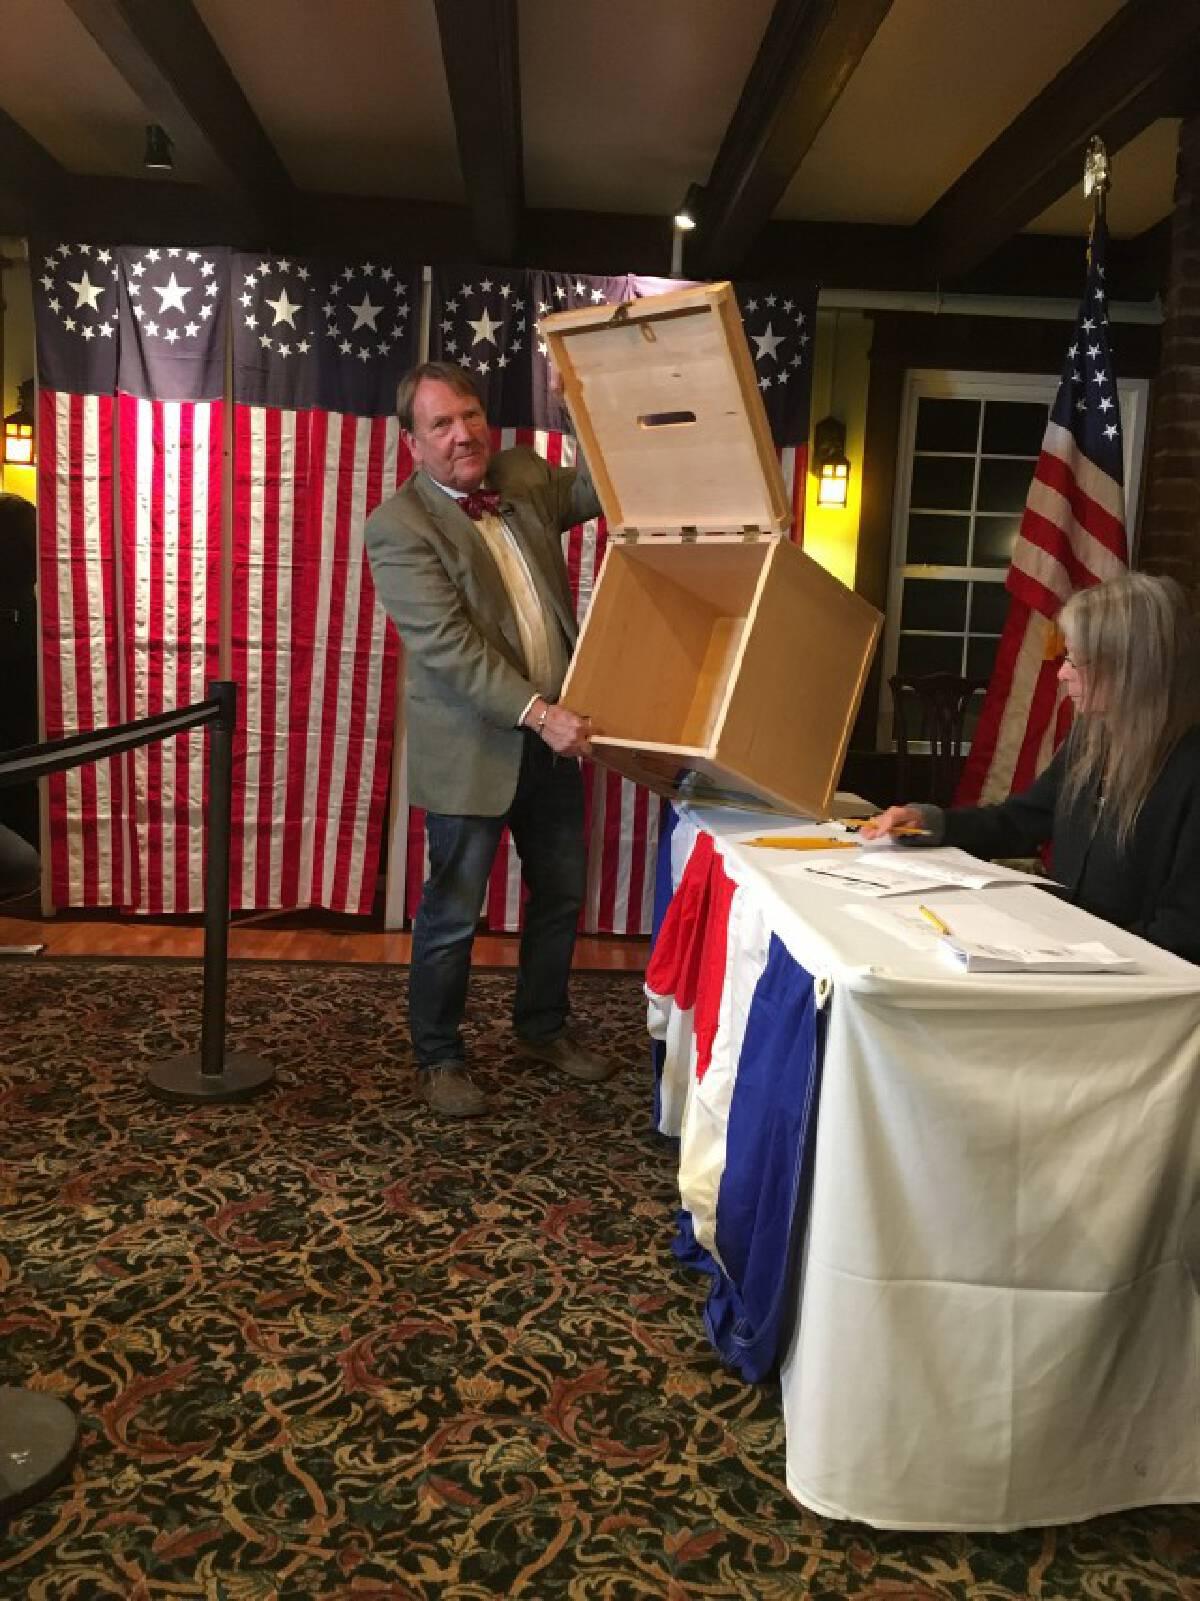 ผลเลือกตั้งเมืองแรกสหรัฐฯ